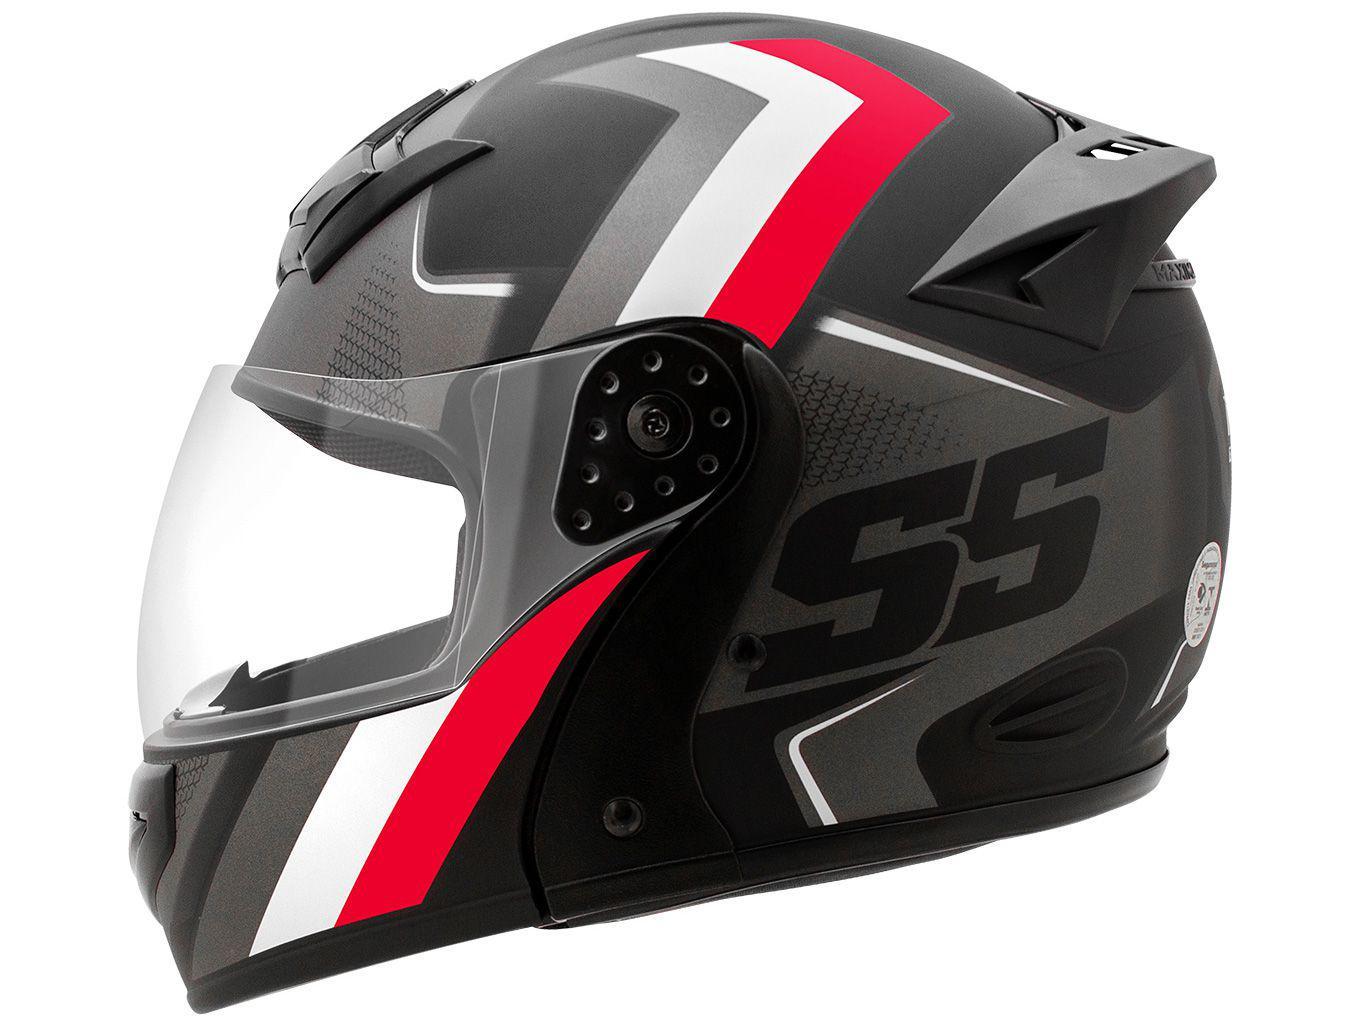 Capacete de Moto Articulado Mixs Helmets - Gladiator Super Speed Cinza e Vermelho Tamanho 58